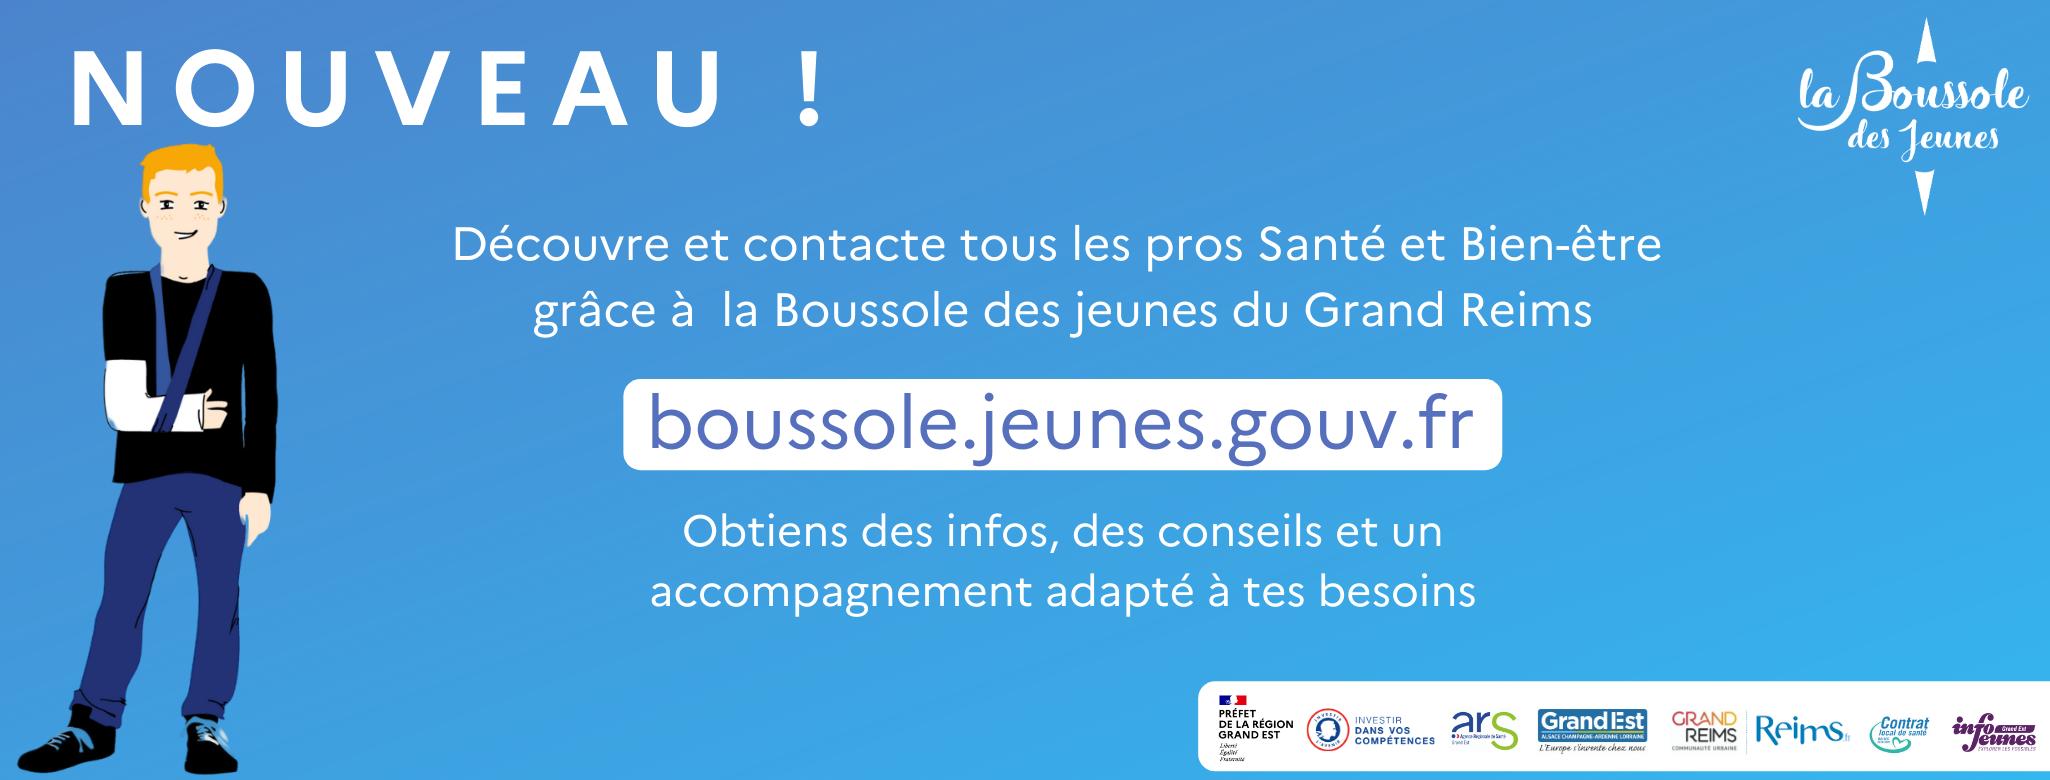 La Mutualité Française Champagne-Ardenne SSAM est partenaire de la Boussole des jeunes !